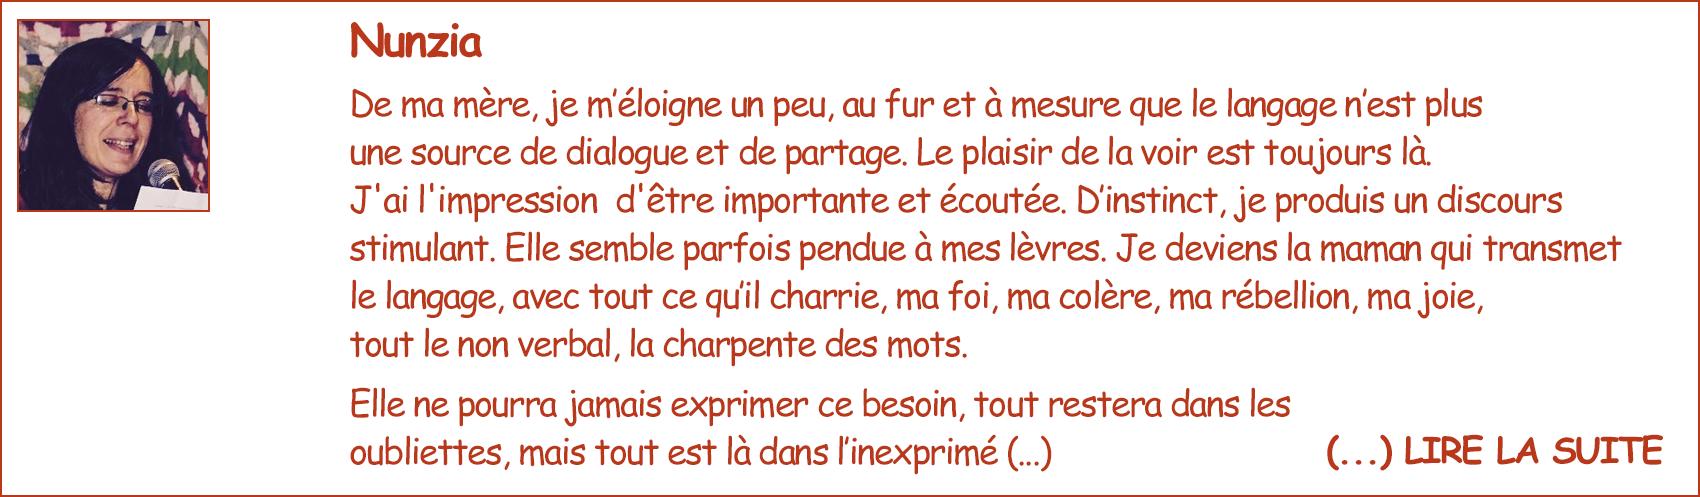 http://slamerie.l.s.f.unblog.fr/files/2021/03/texte-nunzia-mars-2021-01.png